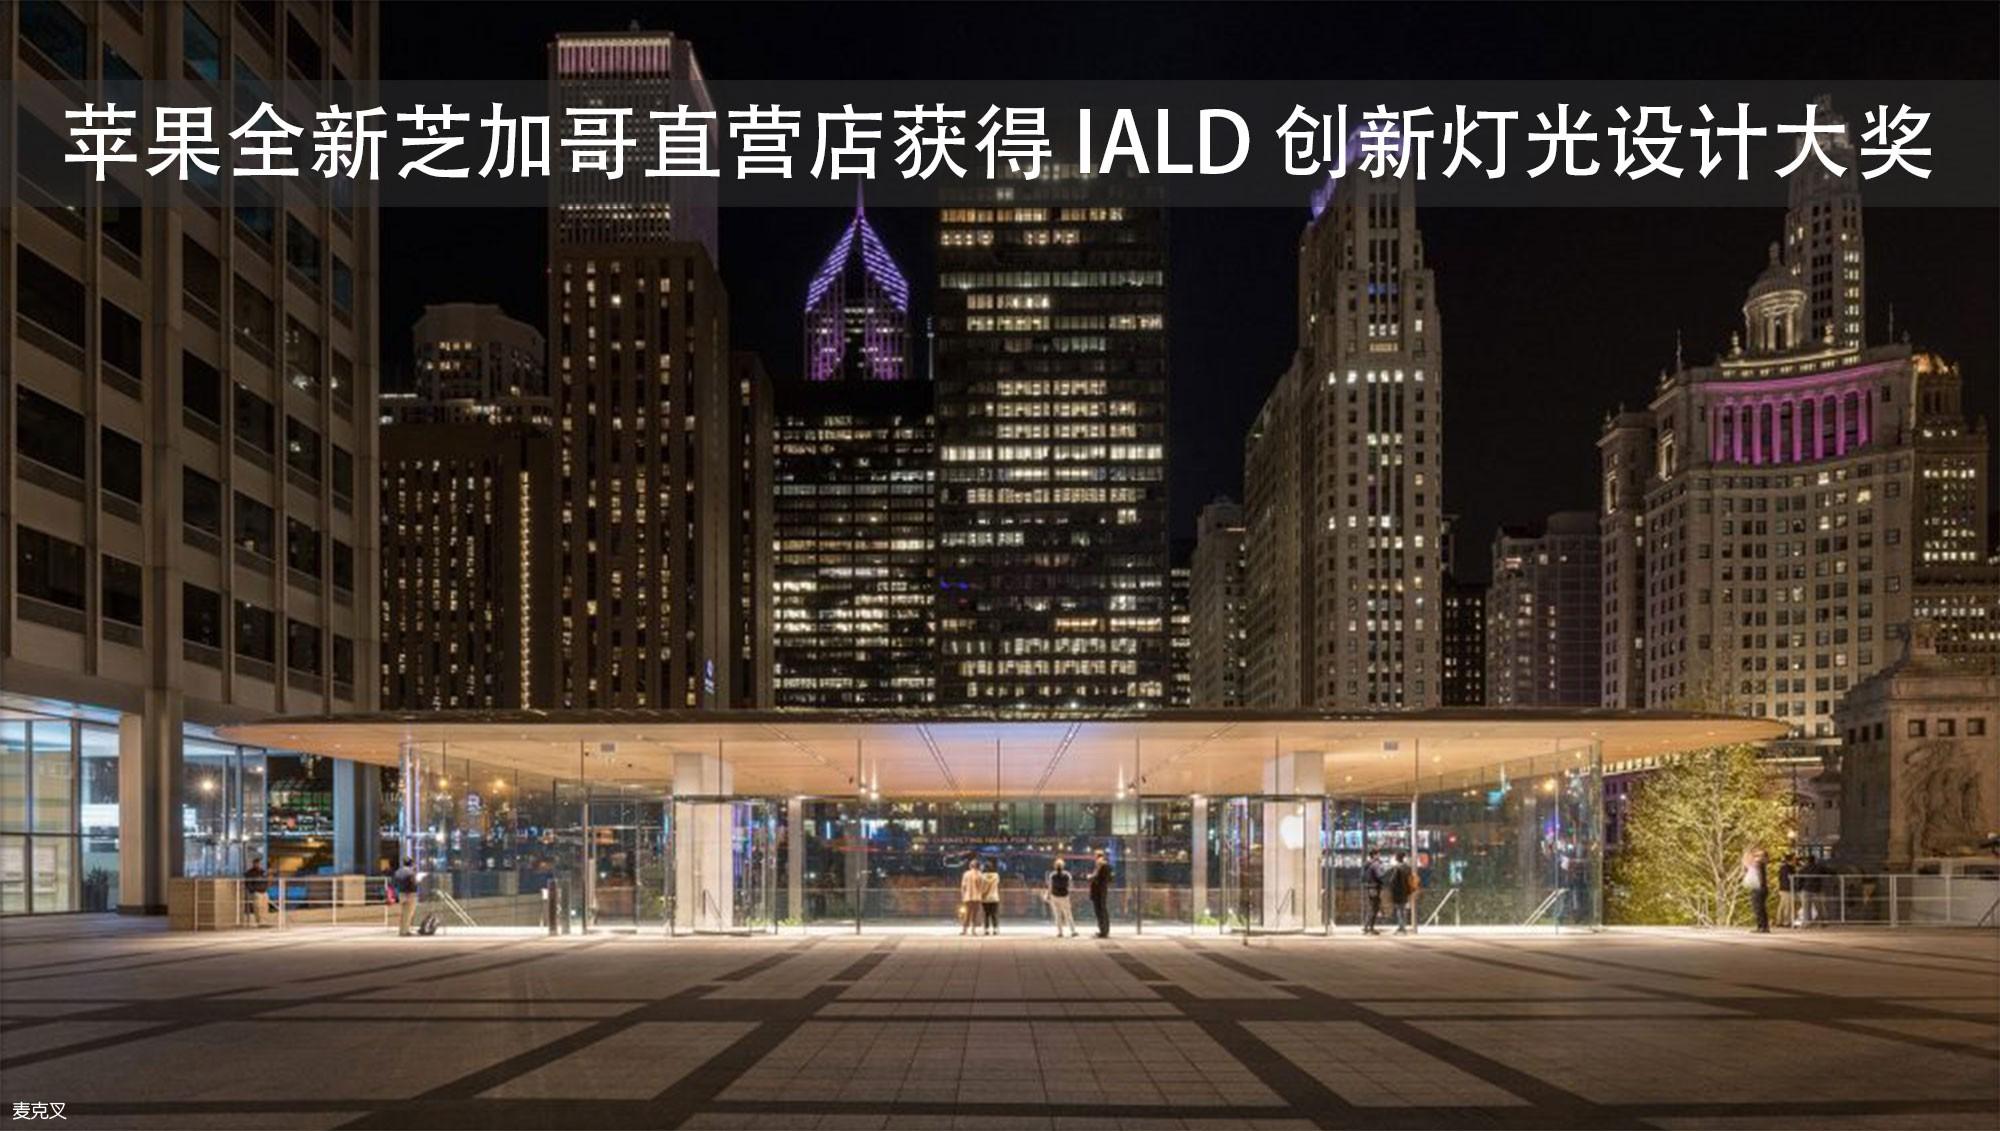 苹果全新芝加哥直营店获得 IALD 创新灯光设计大奖